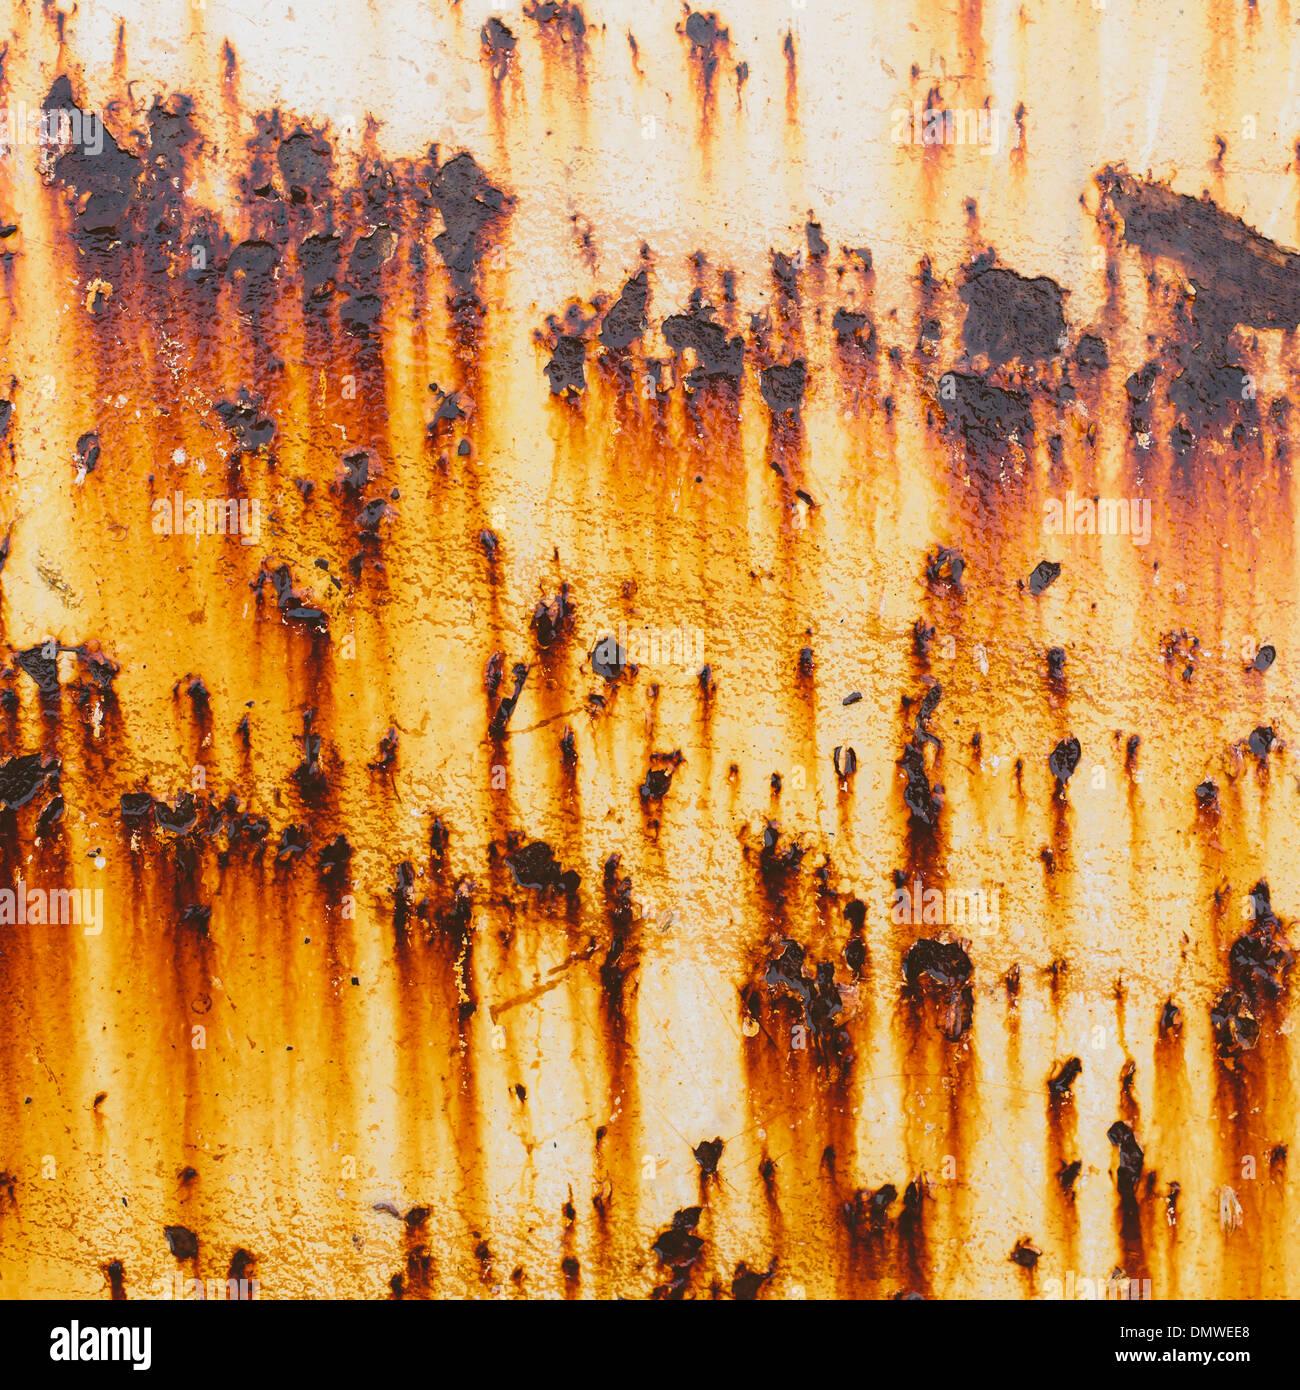 Streifen von Rost aus Stahl Schrauben an einem Metall sheet.l Stockbild